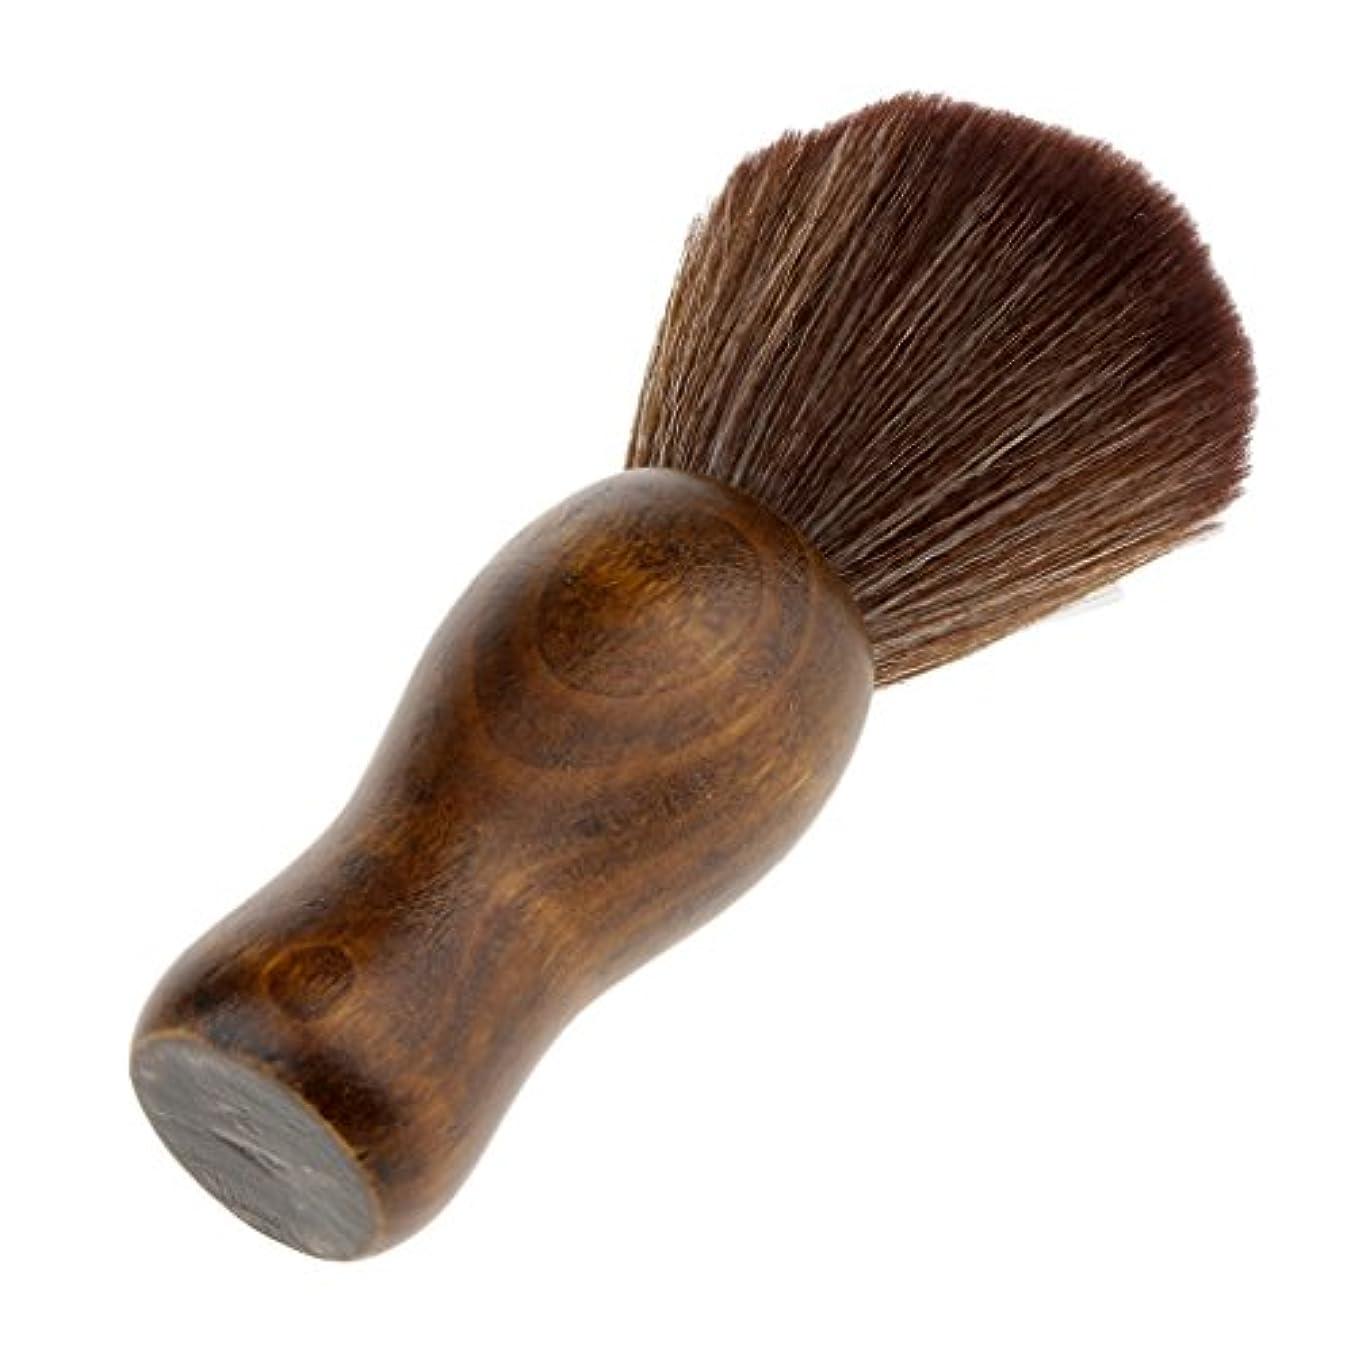 国籍フィードオンランプKesoto シェービングブラシ ソフトファイバー シェービング ブラシ 化粧ブラシ ルースパウダー メイクブラシ 木製 2色選べる - 褐色